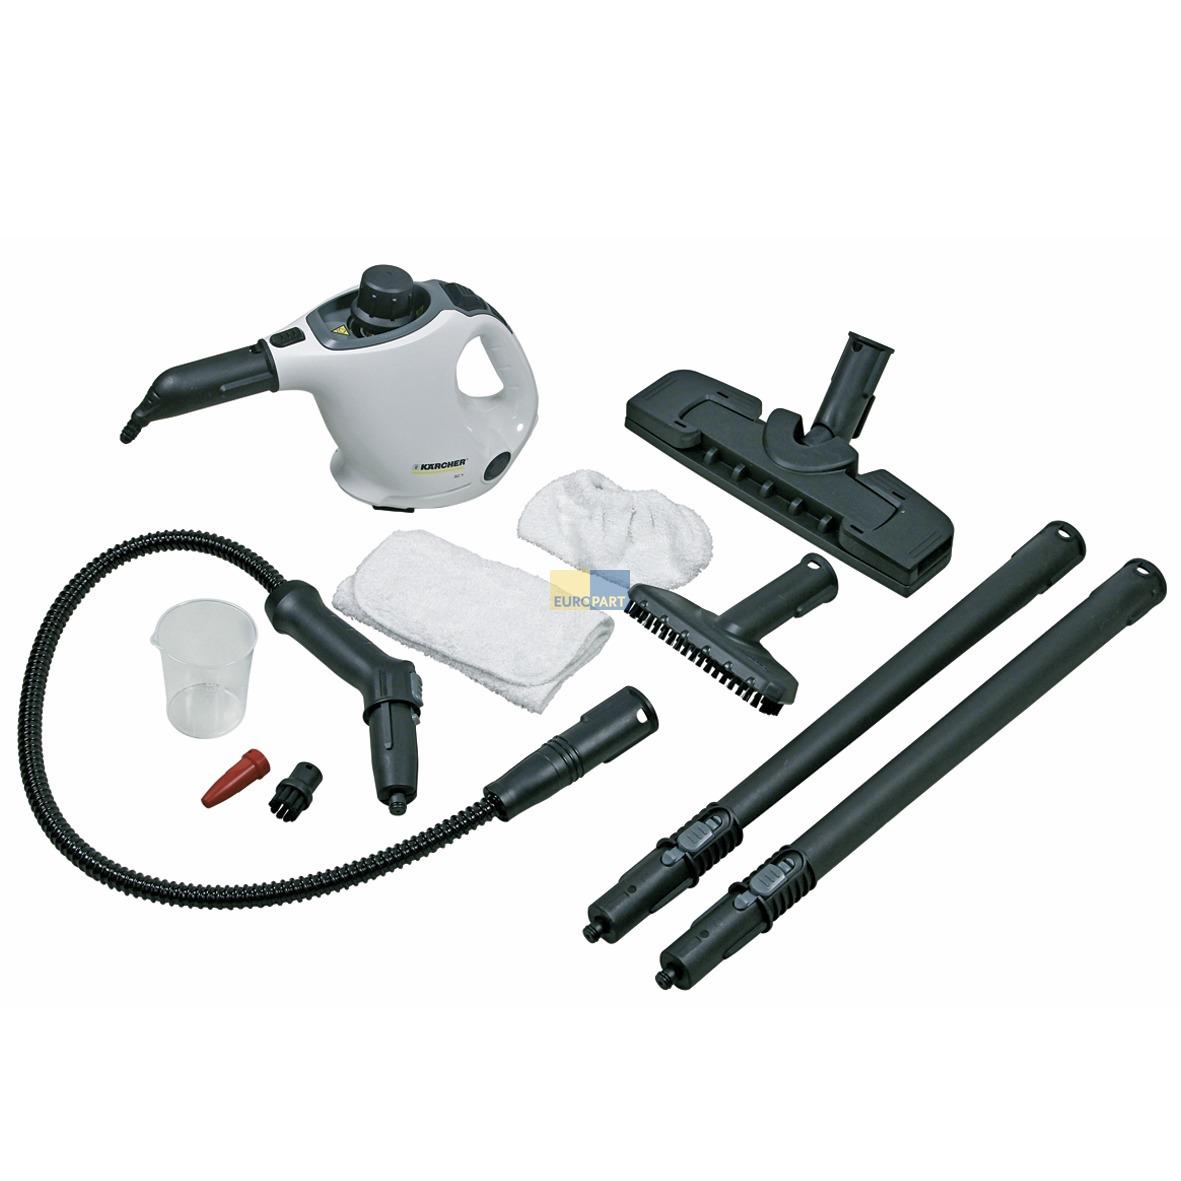 dampfreiniger handdampfreiniger k rcher sc1 abea hausger te ersatzteile shop. Black Bedroom Furniture Sets. Home Design Ideas